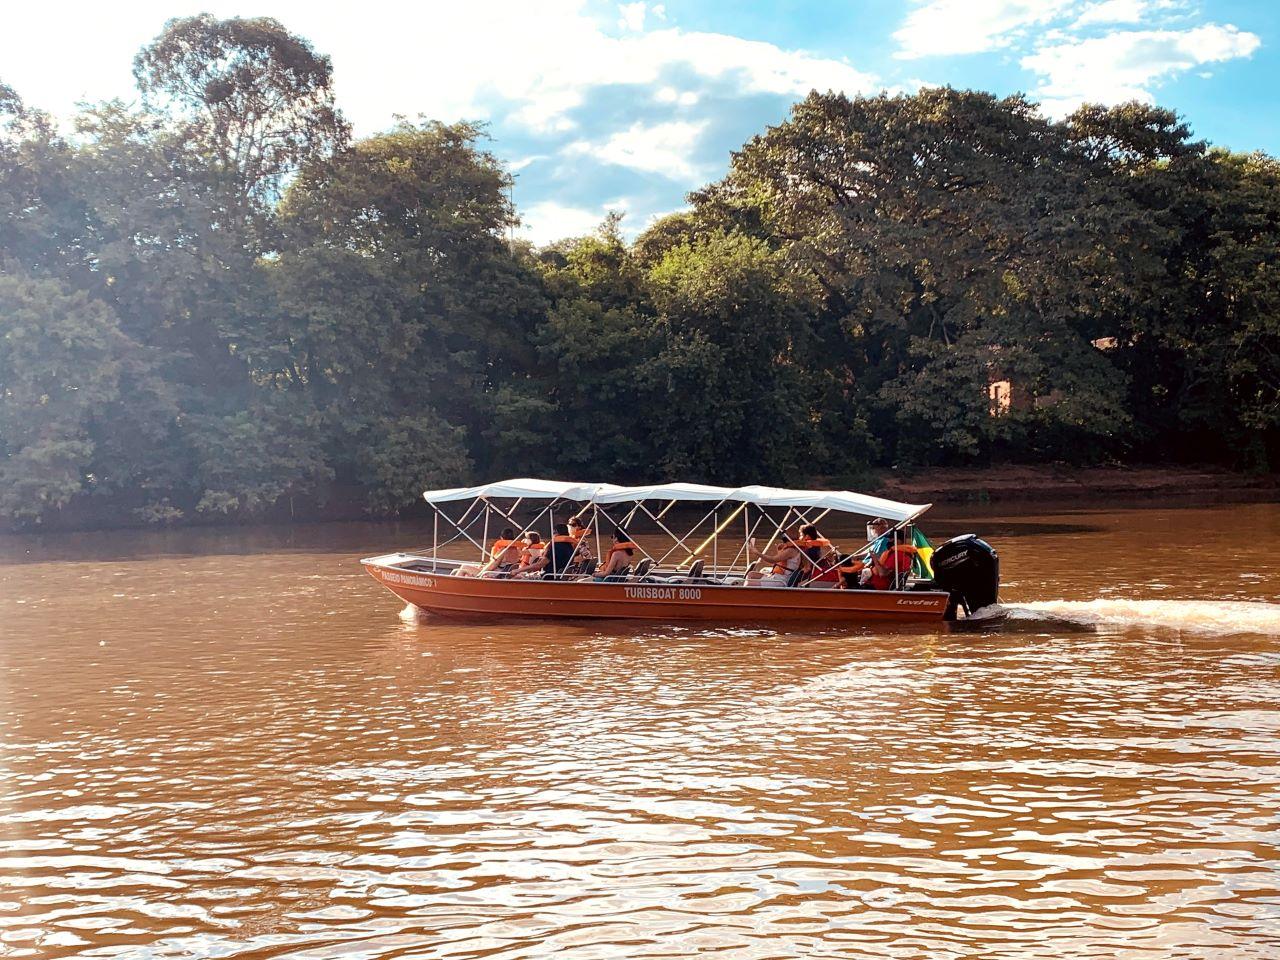 barco laranja a motor com turistas a bordo